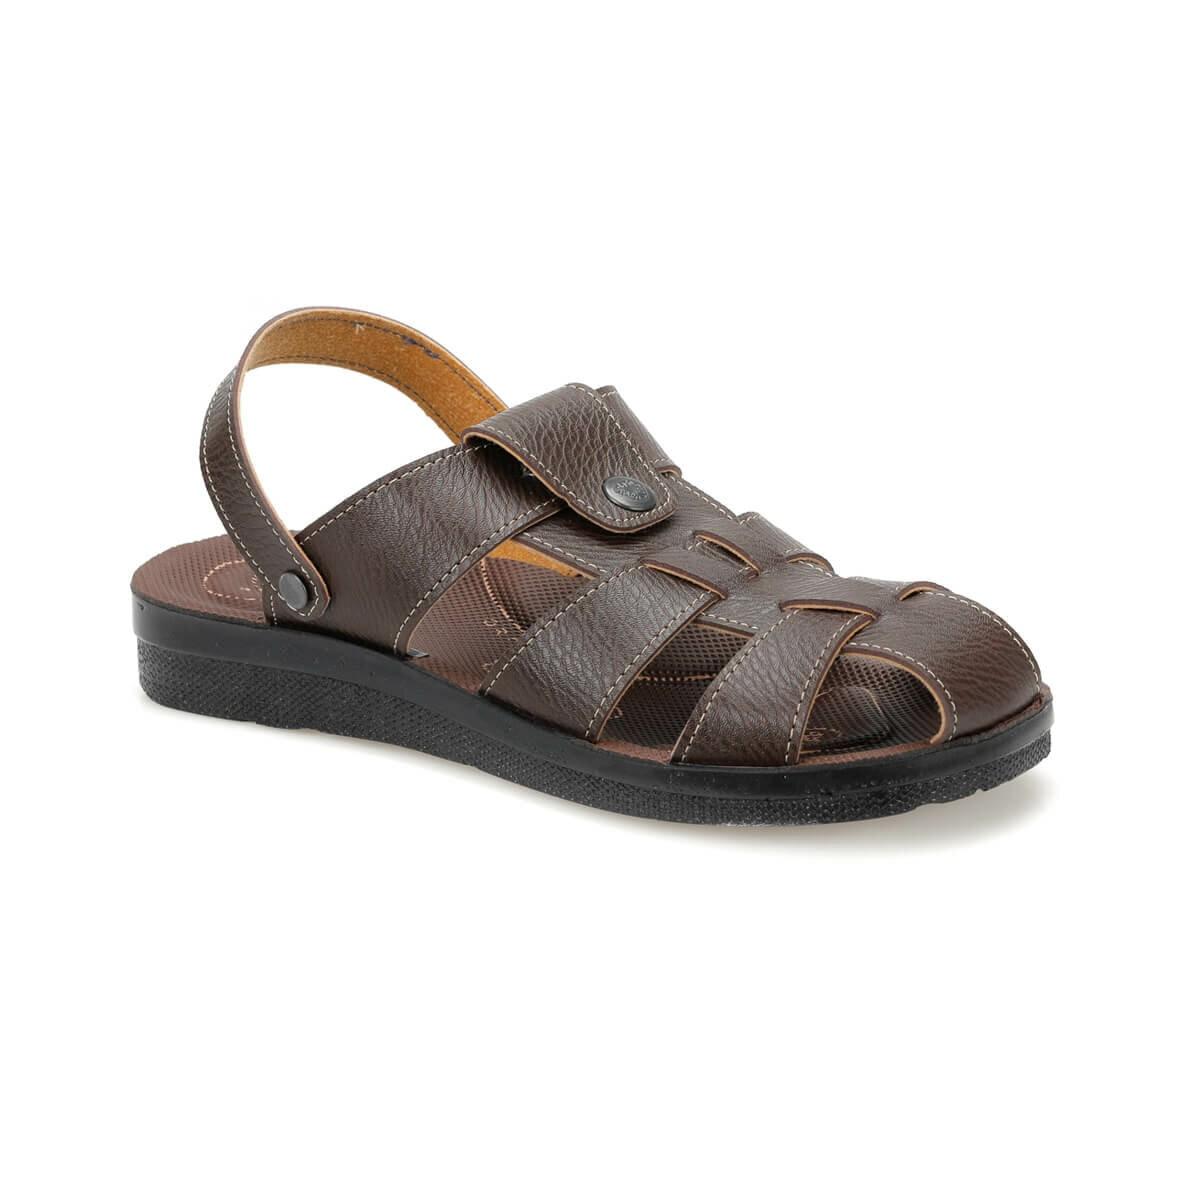 FLO PLK-13 zapatillas marrones para hombre Flexall